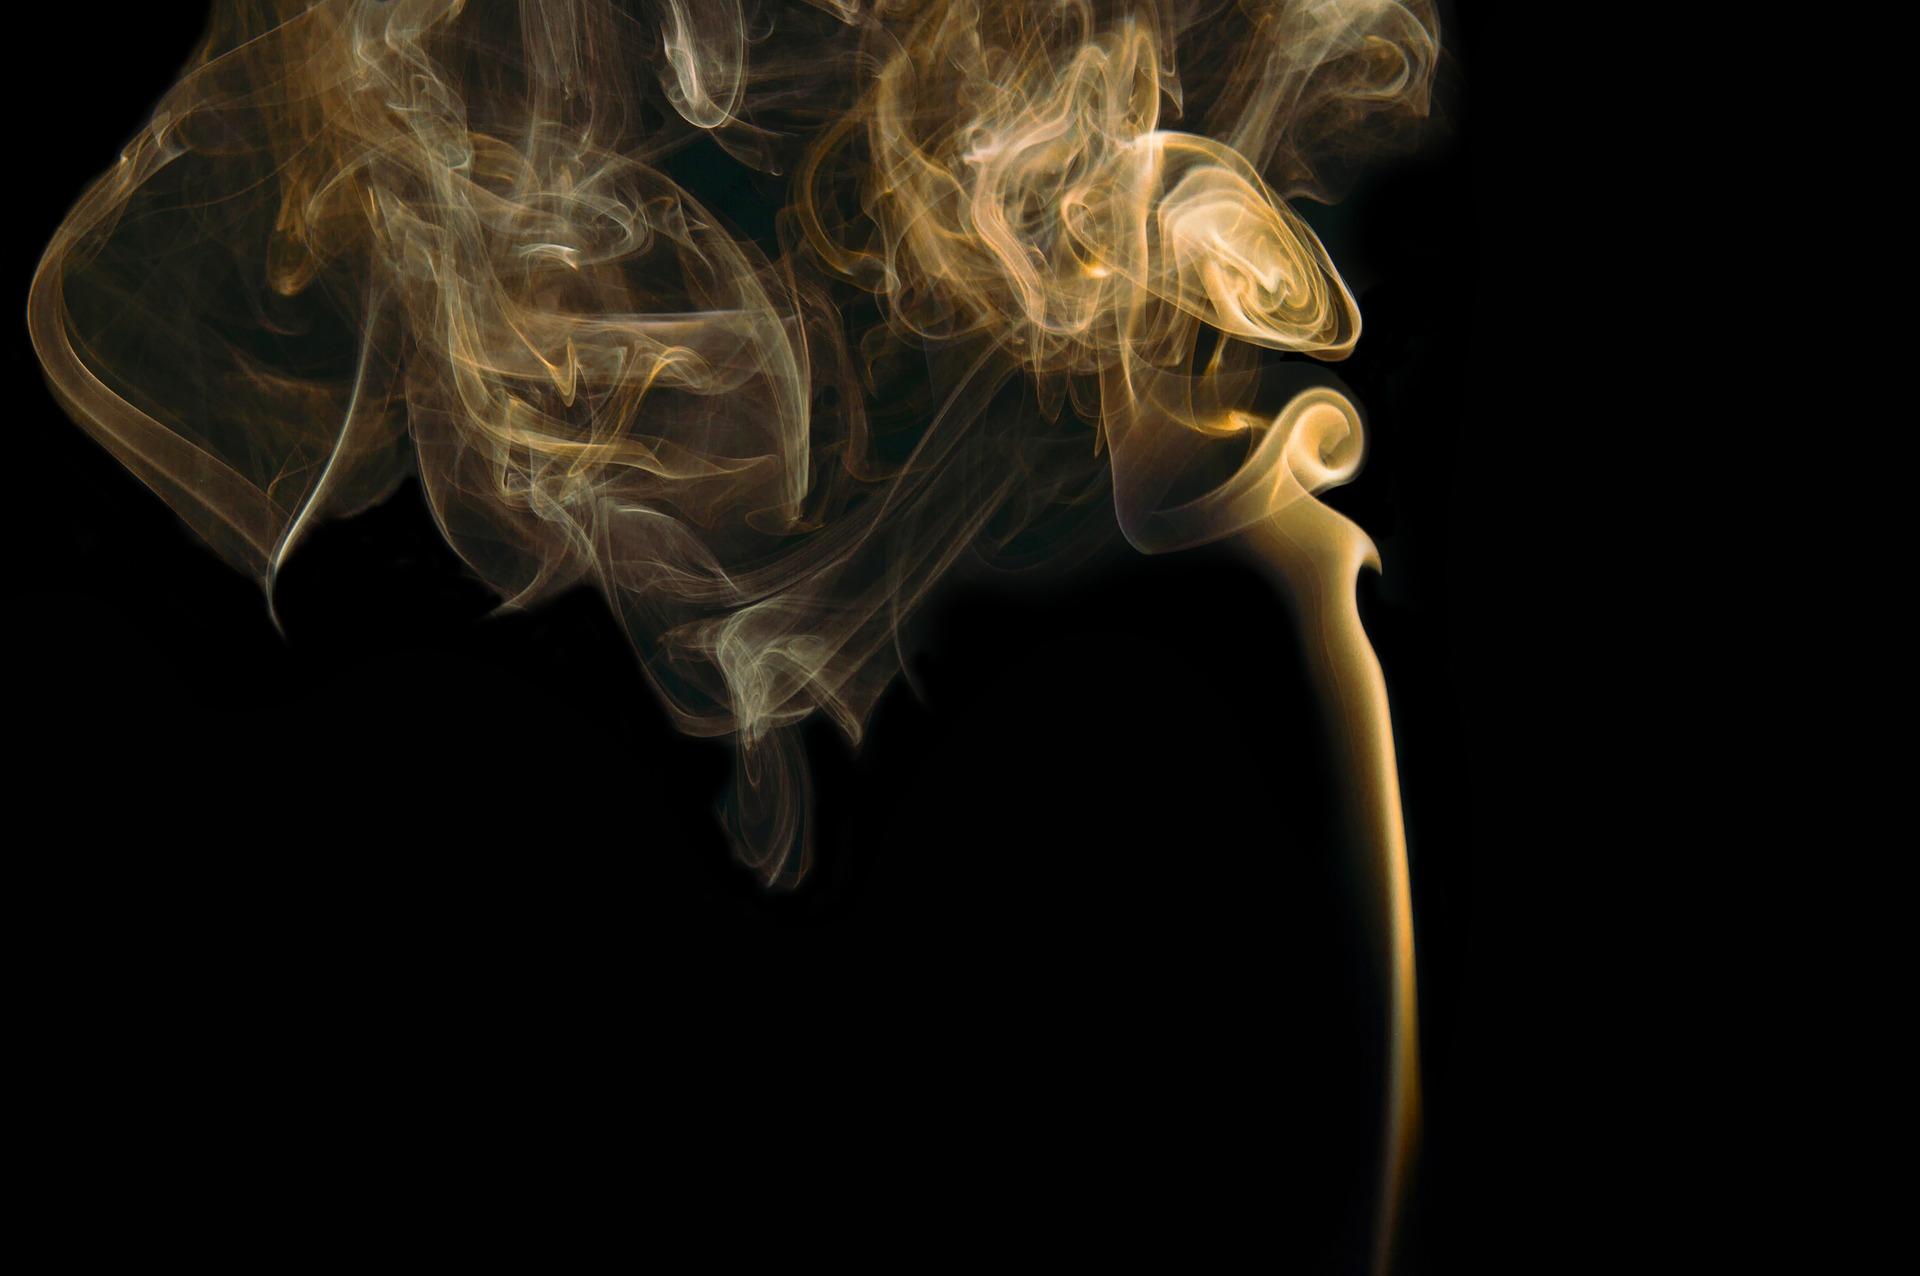 Der Smoker – Wie er dir hilft und wann du auf ihn verzichten solltest